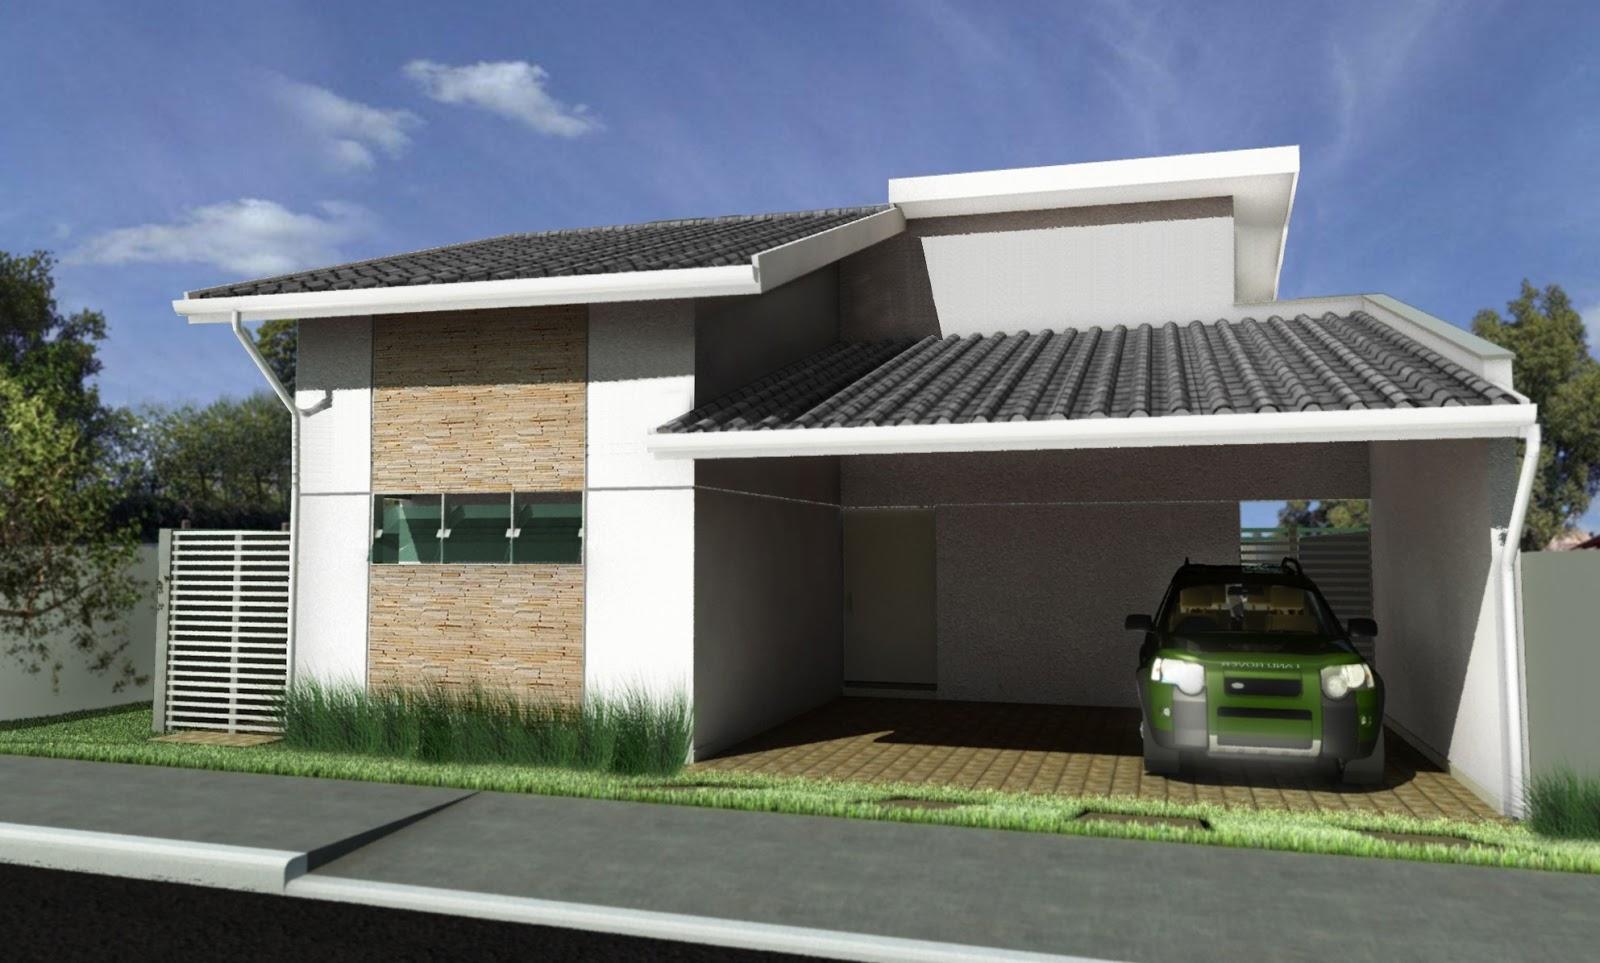 Fachadas para casas pequenas e modernas 40 fotos toda for Fachada de casas modernas lujosas